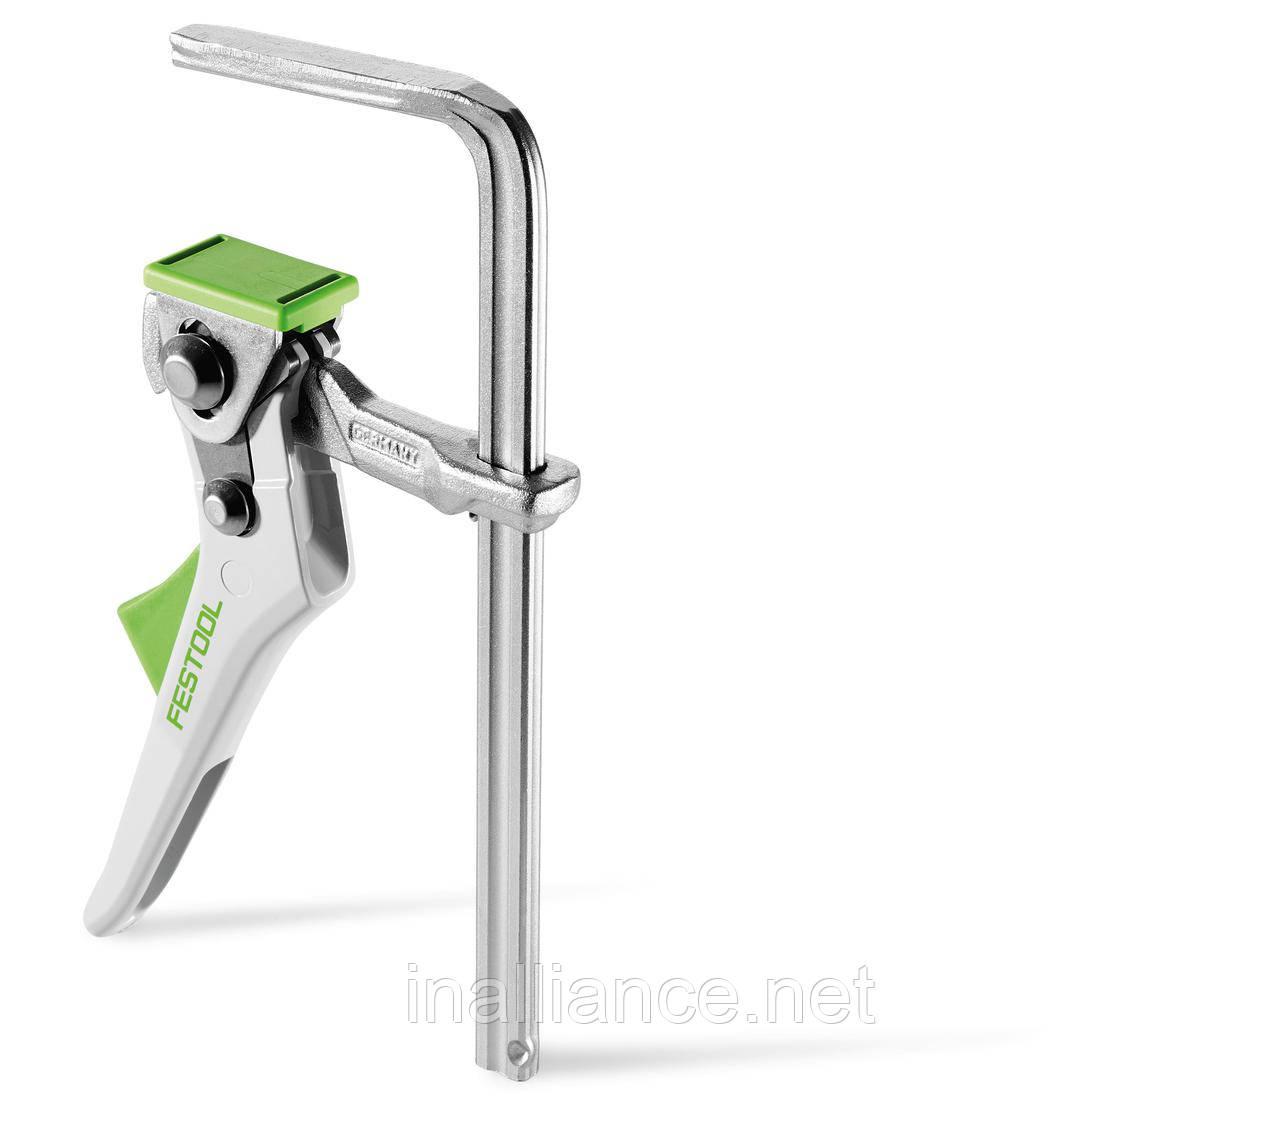 Струбцина стальная быстрозажимная FS-HZ 160 Festool 491594